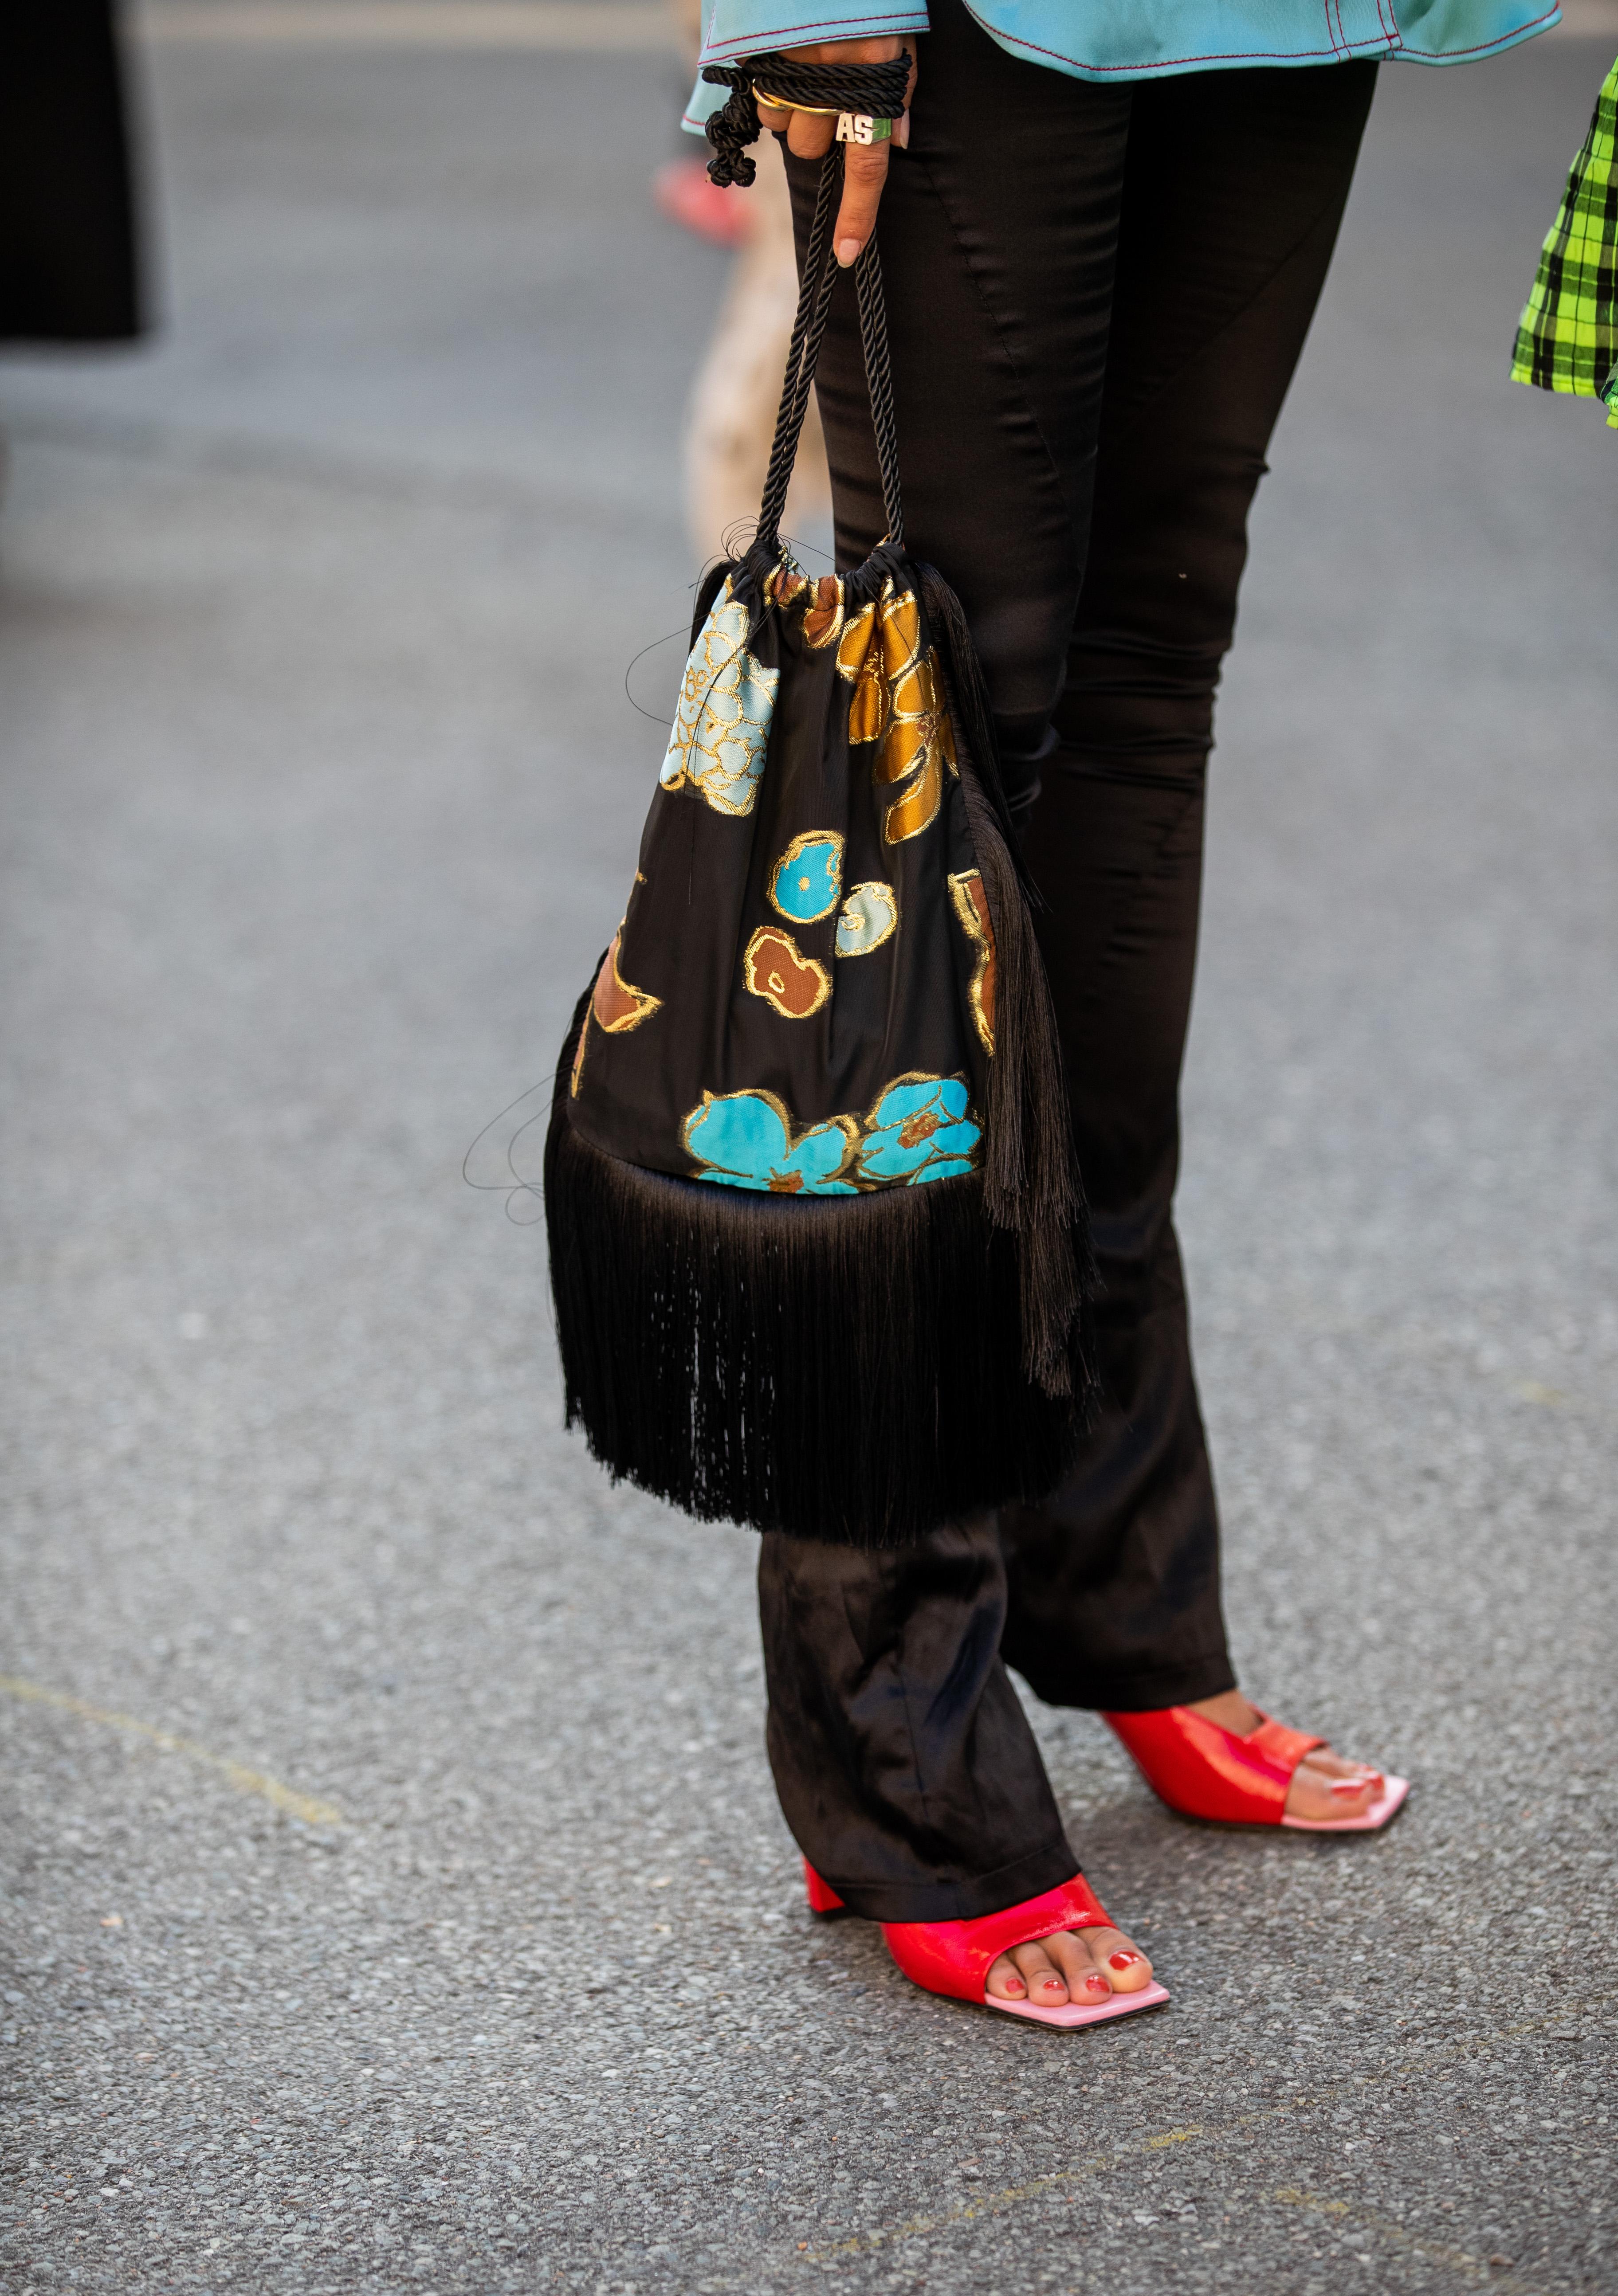 ブラックパンツにはパキッと映えるレッドカラーのサンダルをインして足元の存在感を高めつつ、女性らしさが加わることでより印象的に仕上がる。セイムカラーのペディキュアを可愛い。